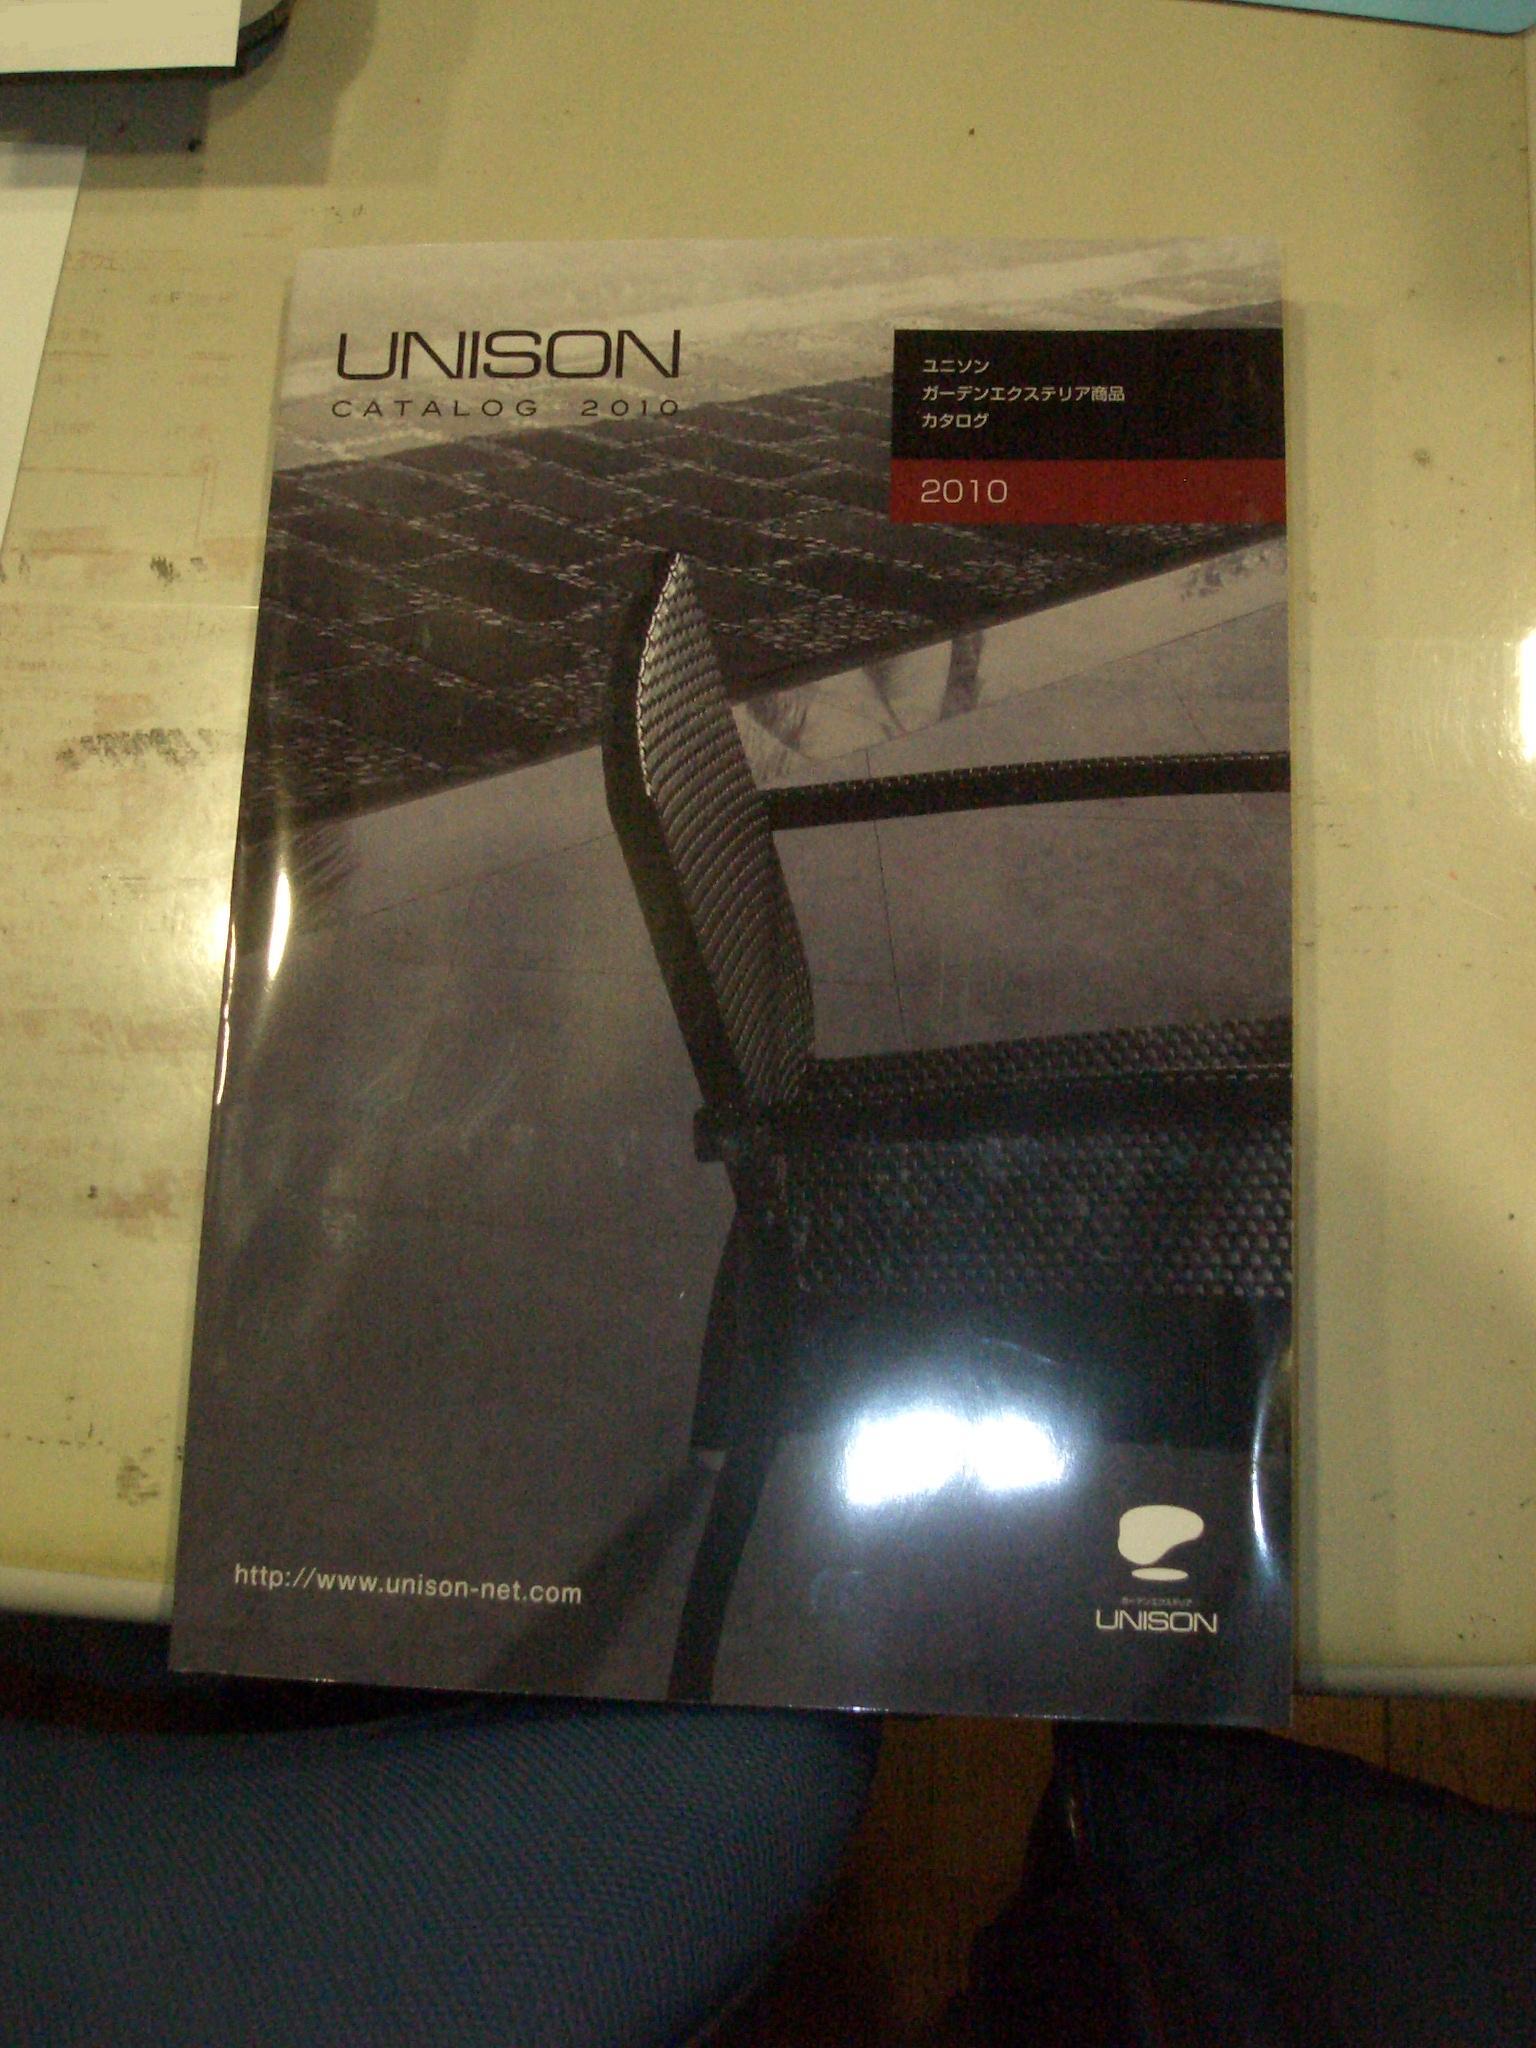 UNISON 新カタログ♪_e0128446_13351813.jpg